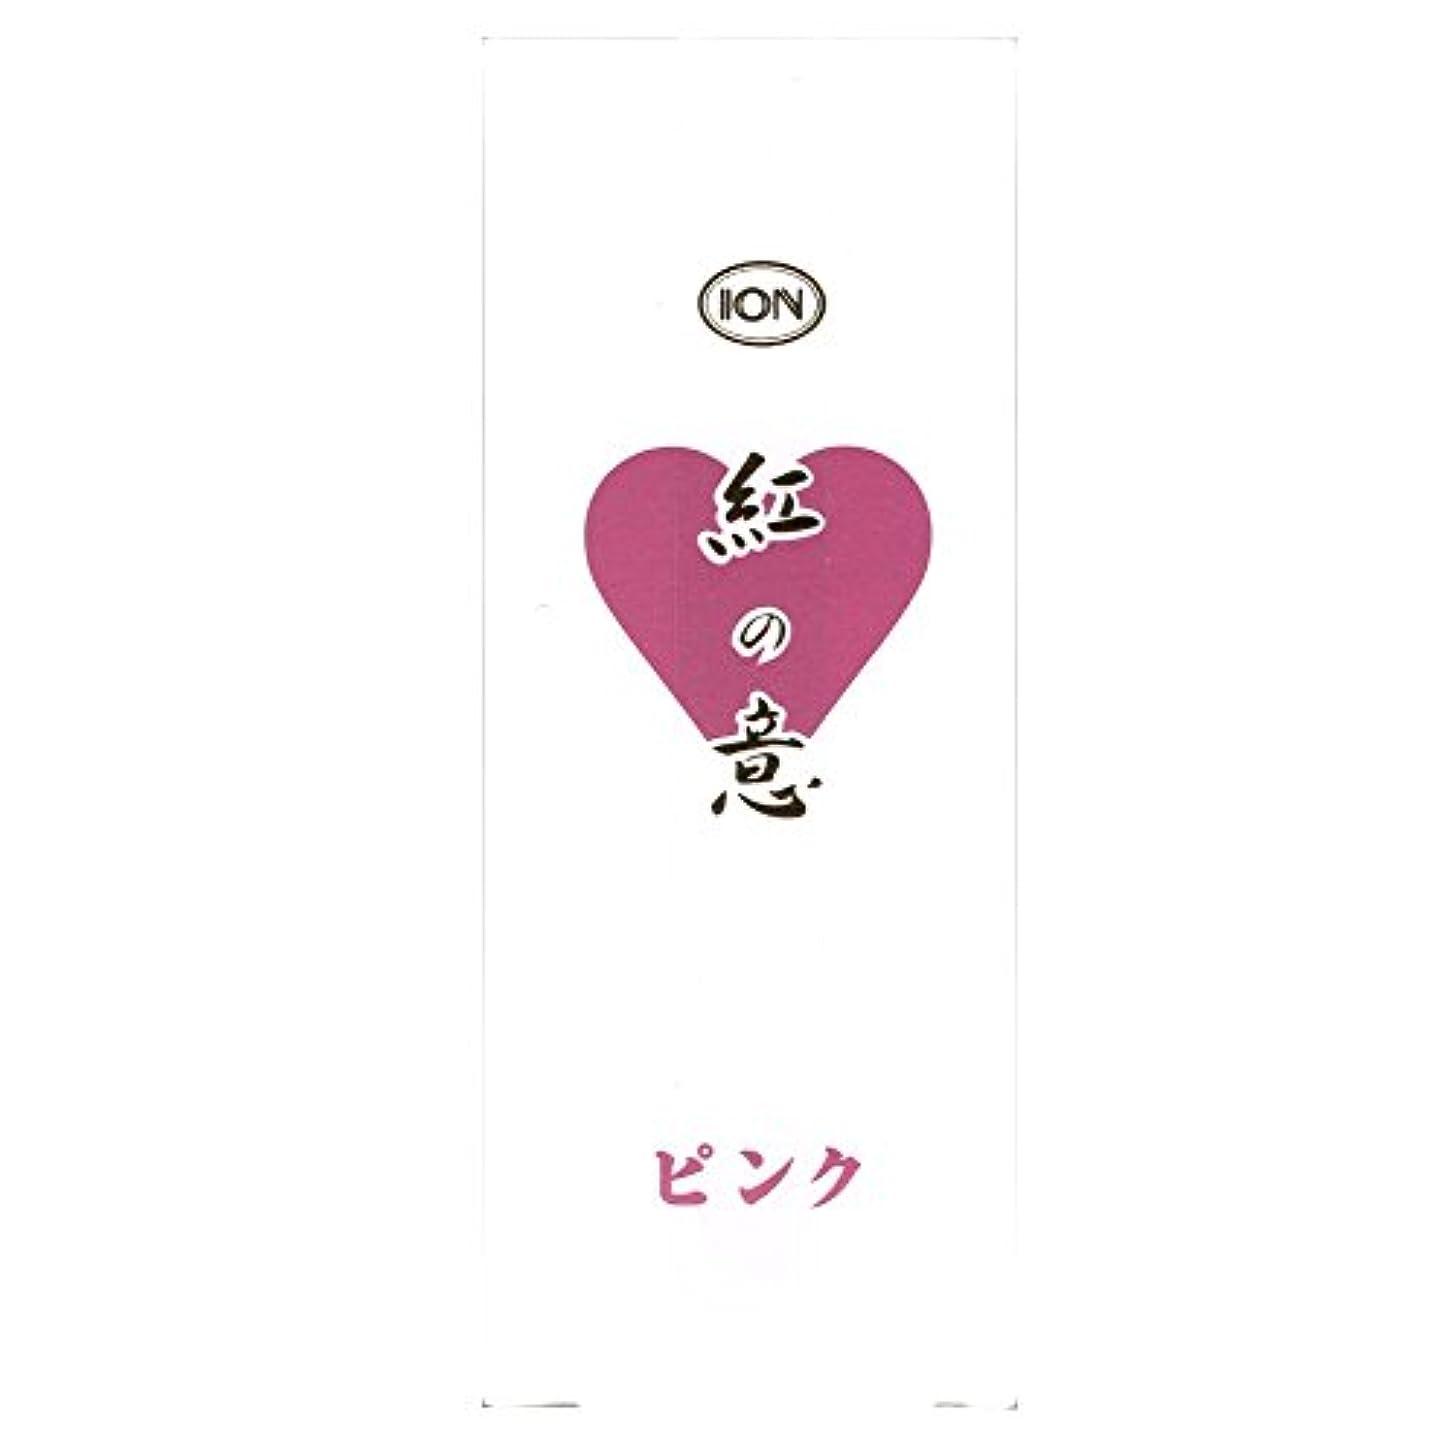 知る望む前提条件イオン化粧品 イオンカラークリーム (ピンク)